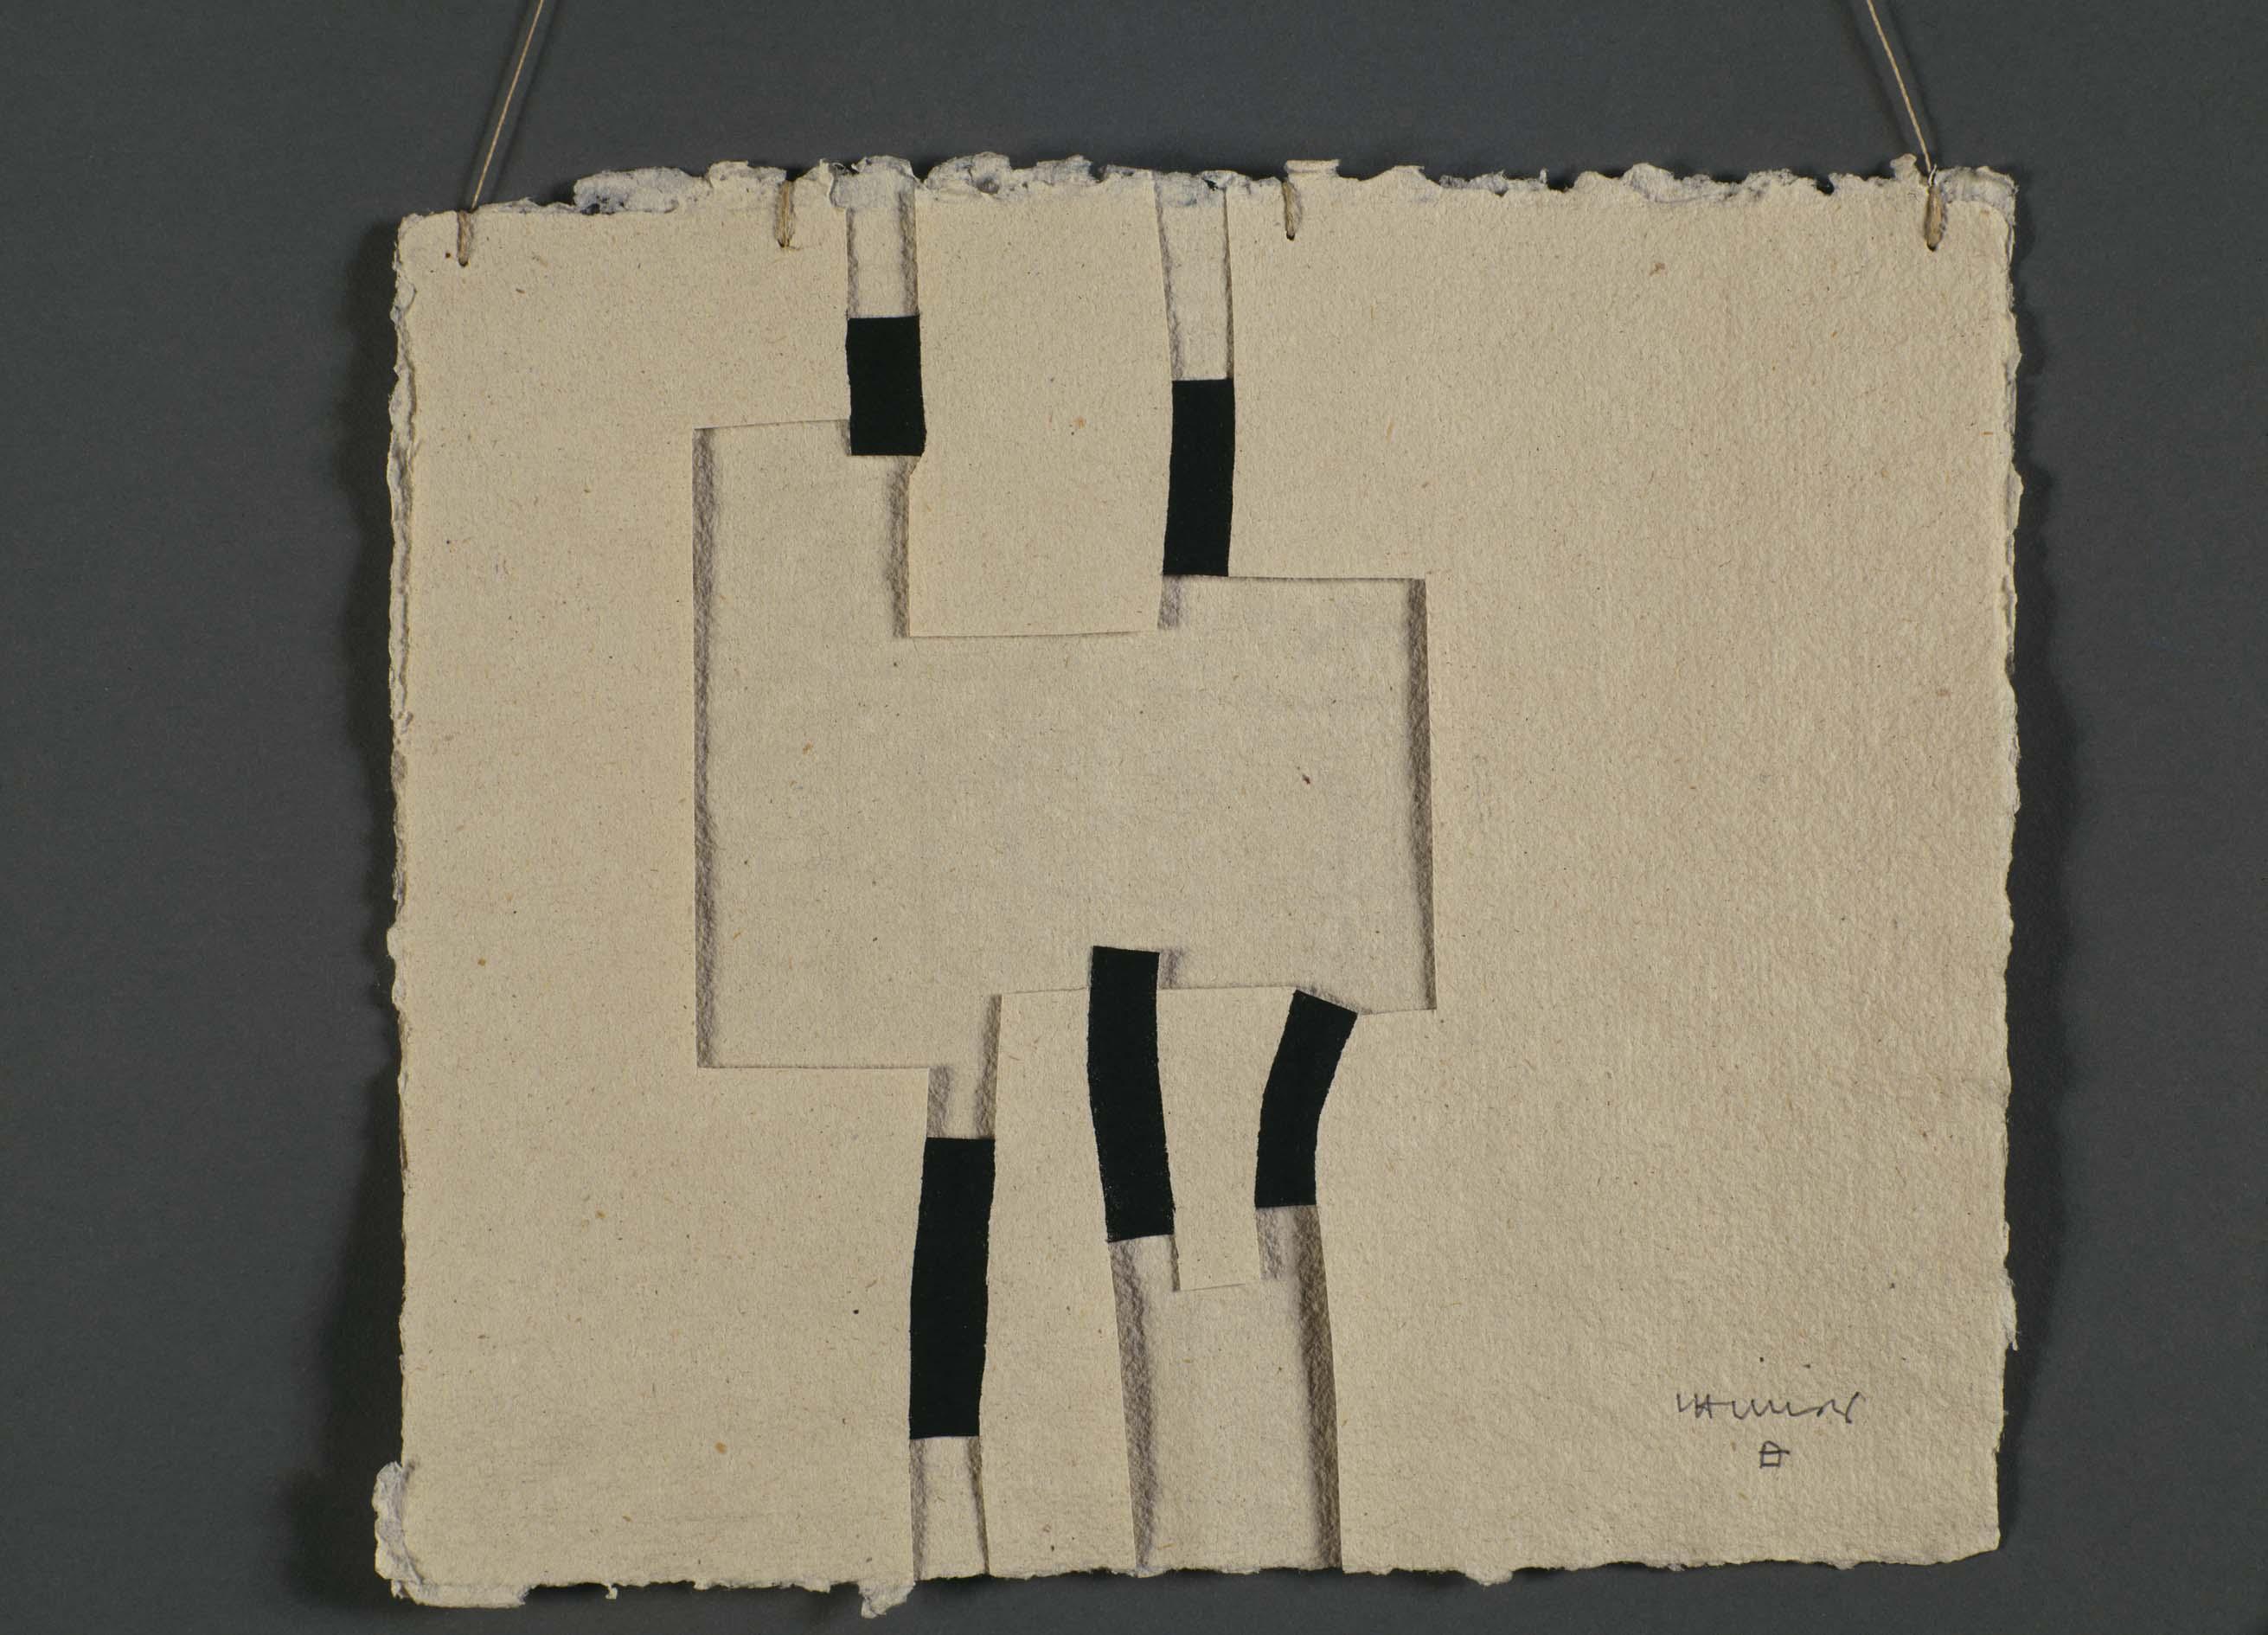 Eduardo Chillida Gravitación II. Museo Reina Sofía. 1987-88